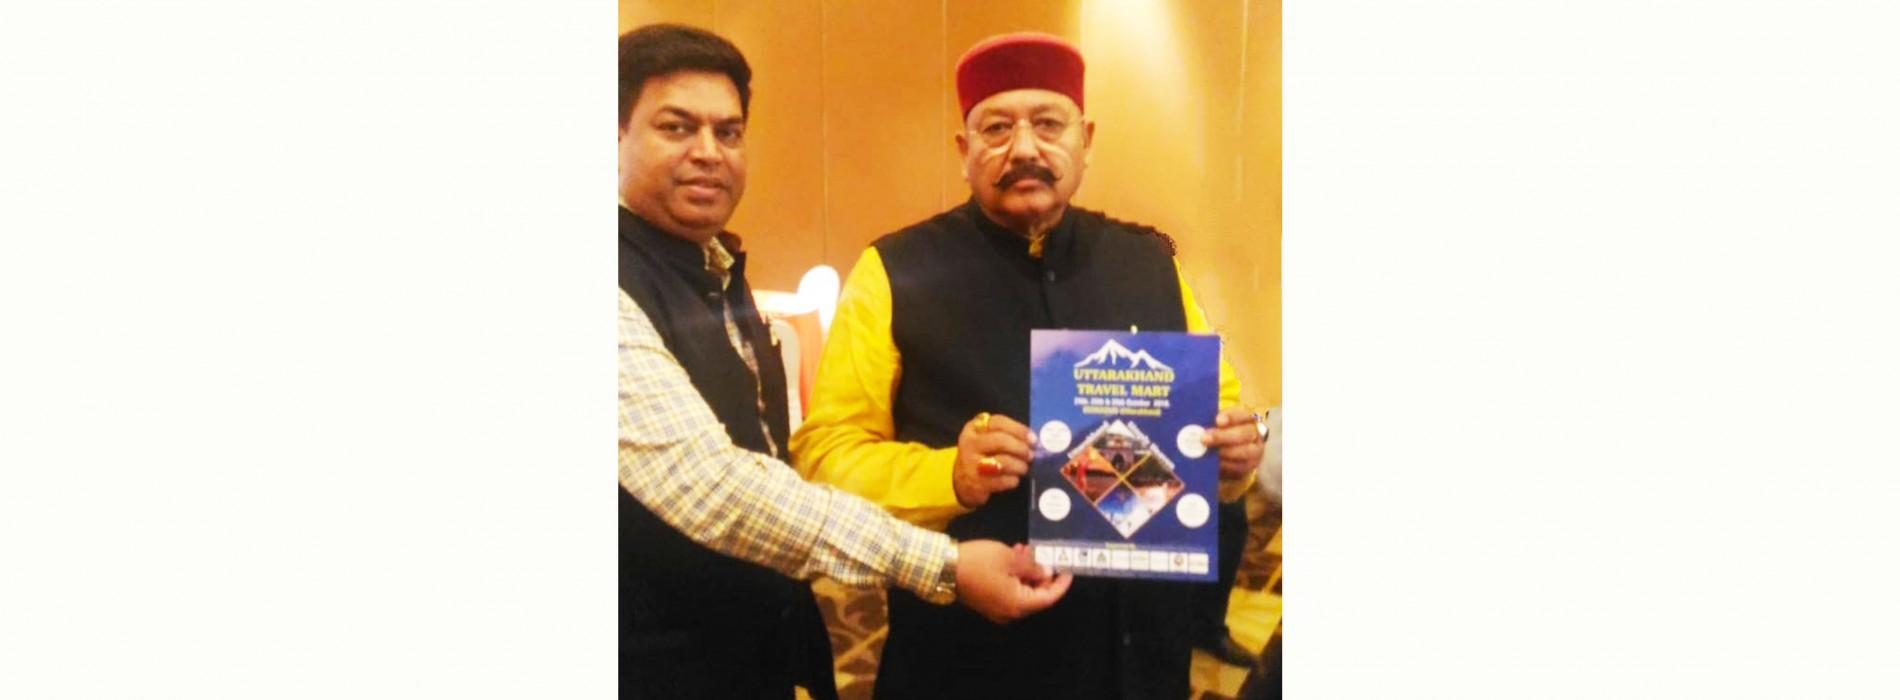 Tourism Minister of Uttarakhand launches UTM Brochure in New Delhi